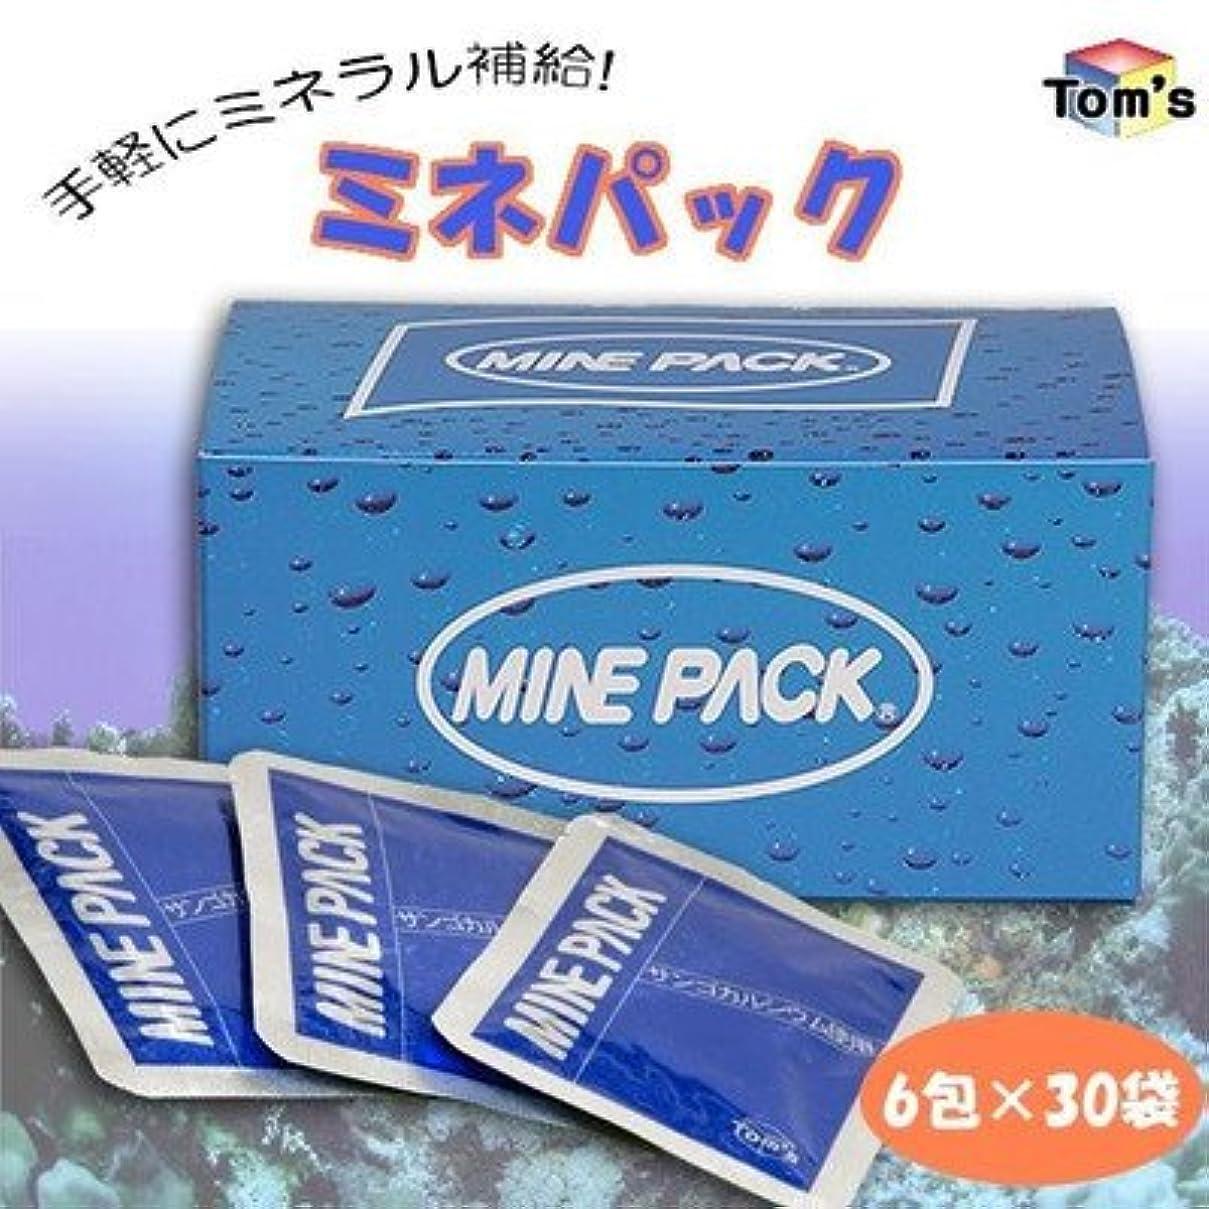 出身地存在する対抗手軽にミネラル補給 ミネパック 1箱(6包×30袋)